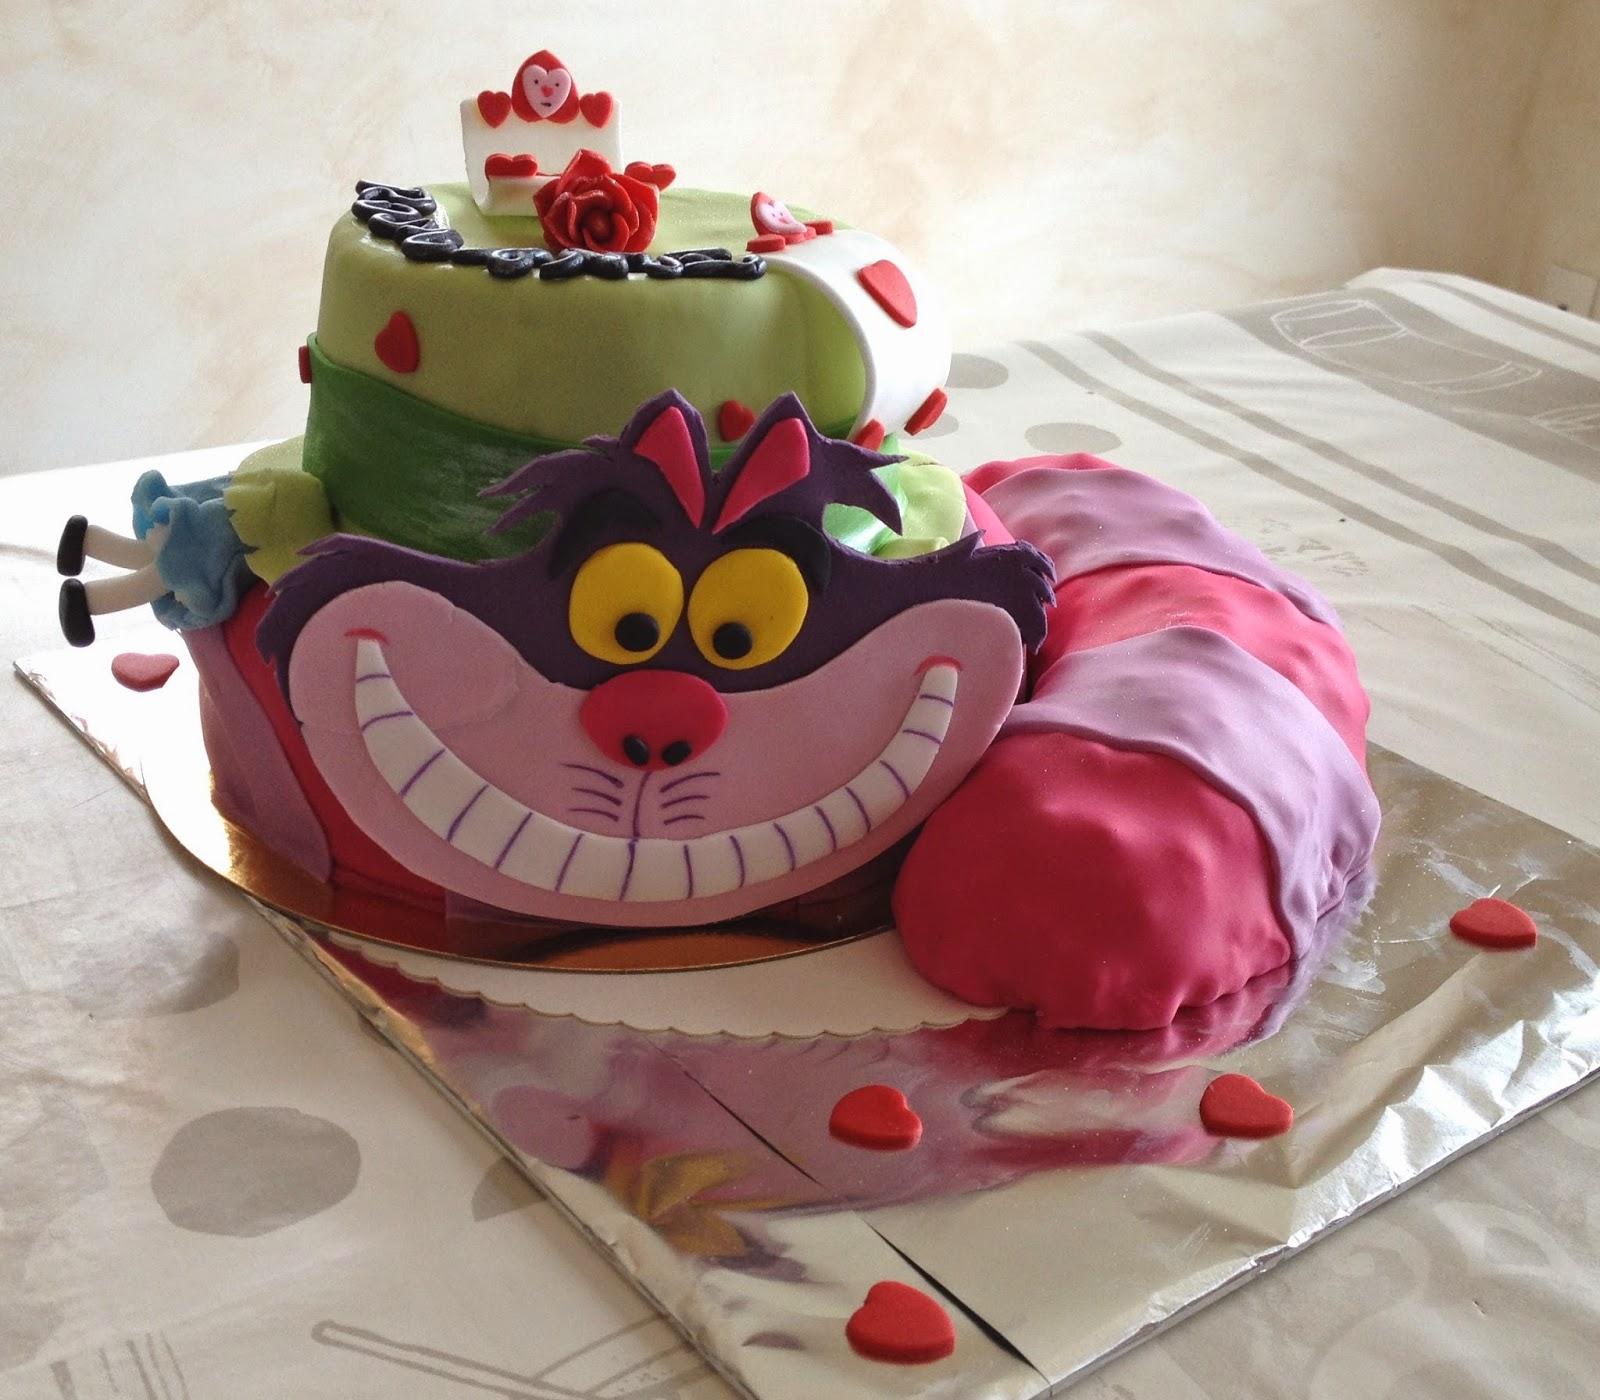 Gateau Alice Aux Pays Des Merveilles intérieur d'emi-ettes de bonheur: gâteau alice au pays des merveilles